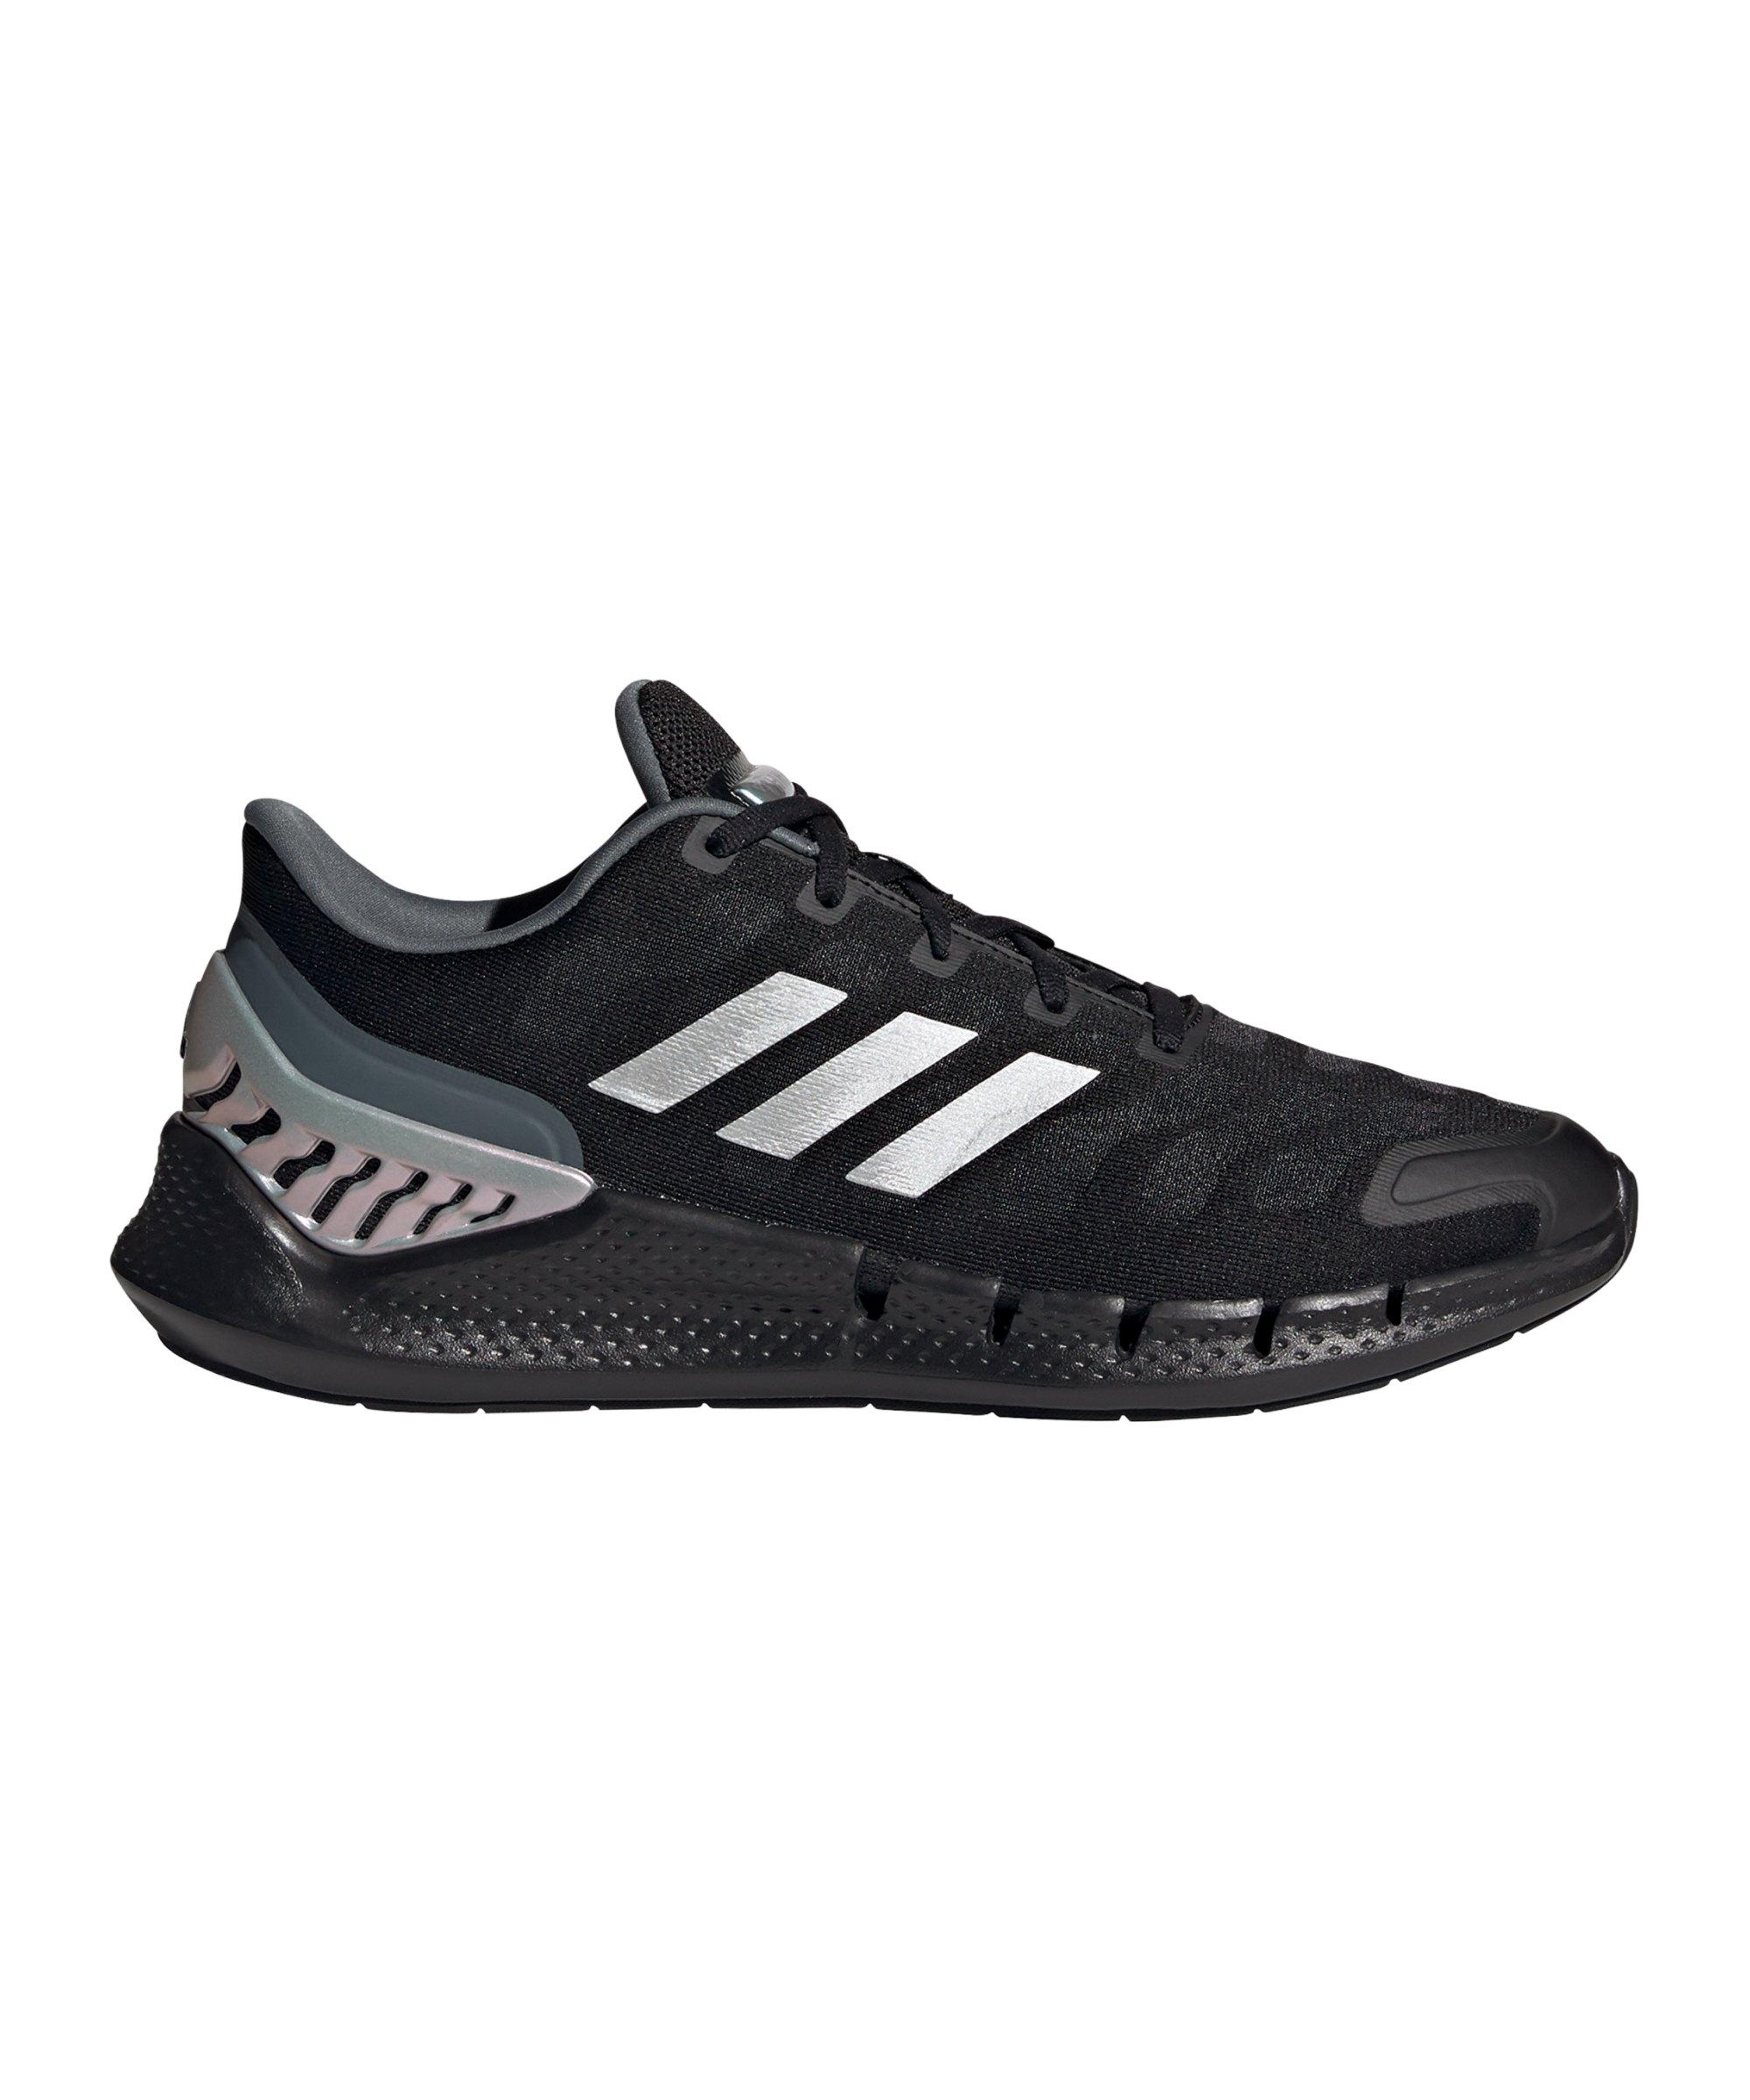 adidas Climacool Ventania Running Schwarz Grau - schwarz